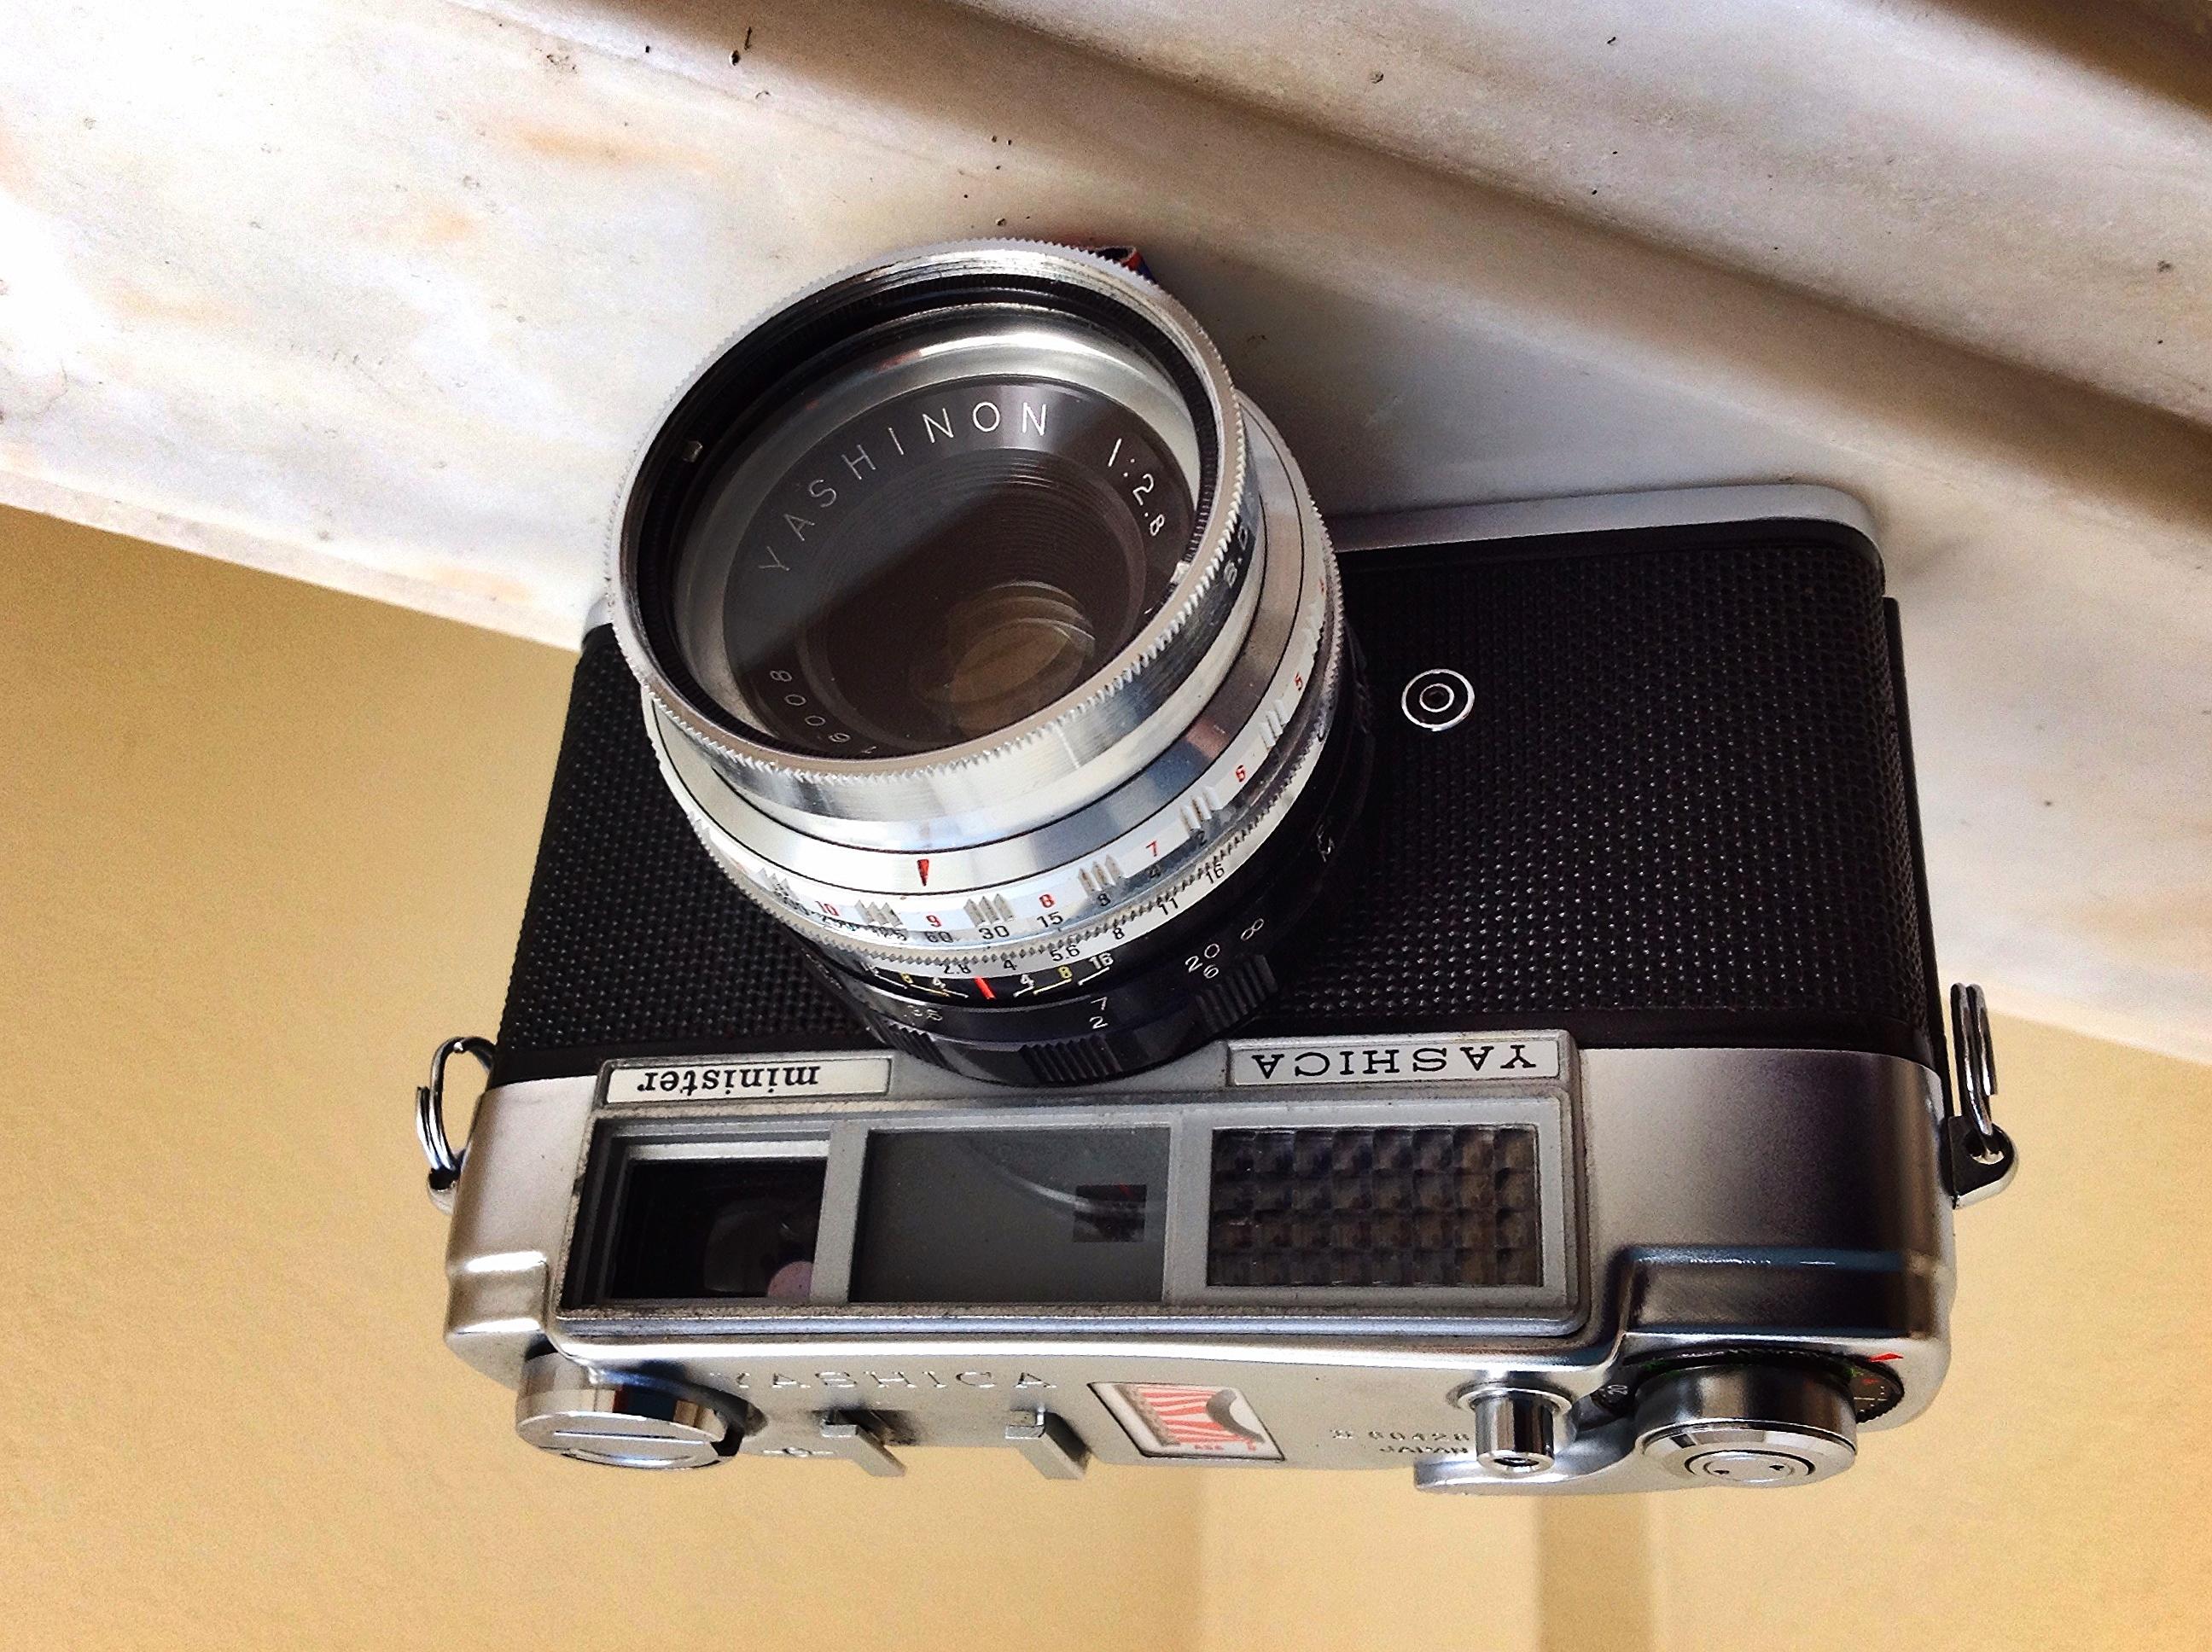 Fichier:YASHICA - Minister I , lens Yashinon 45mm, 1961 ...